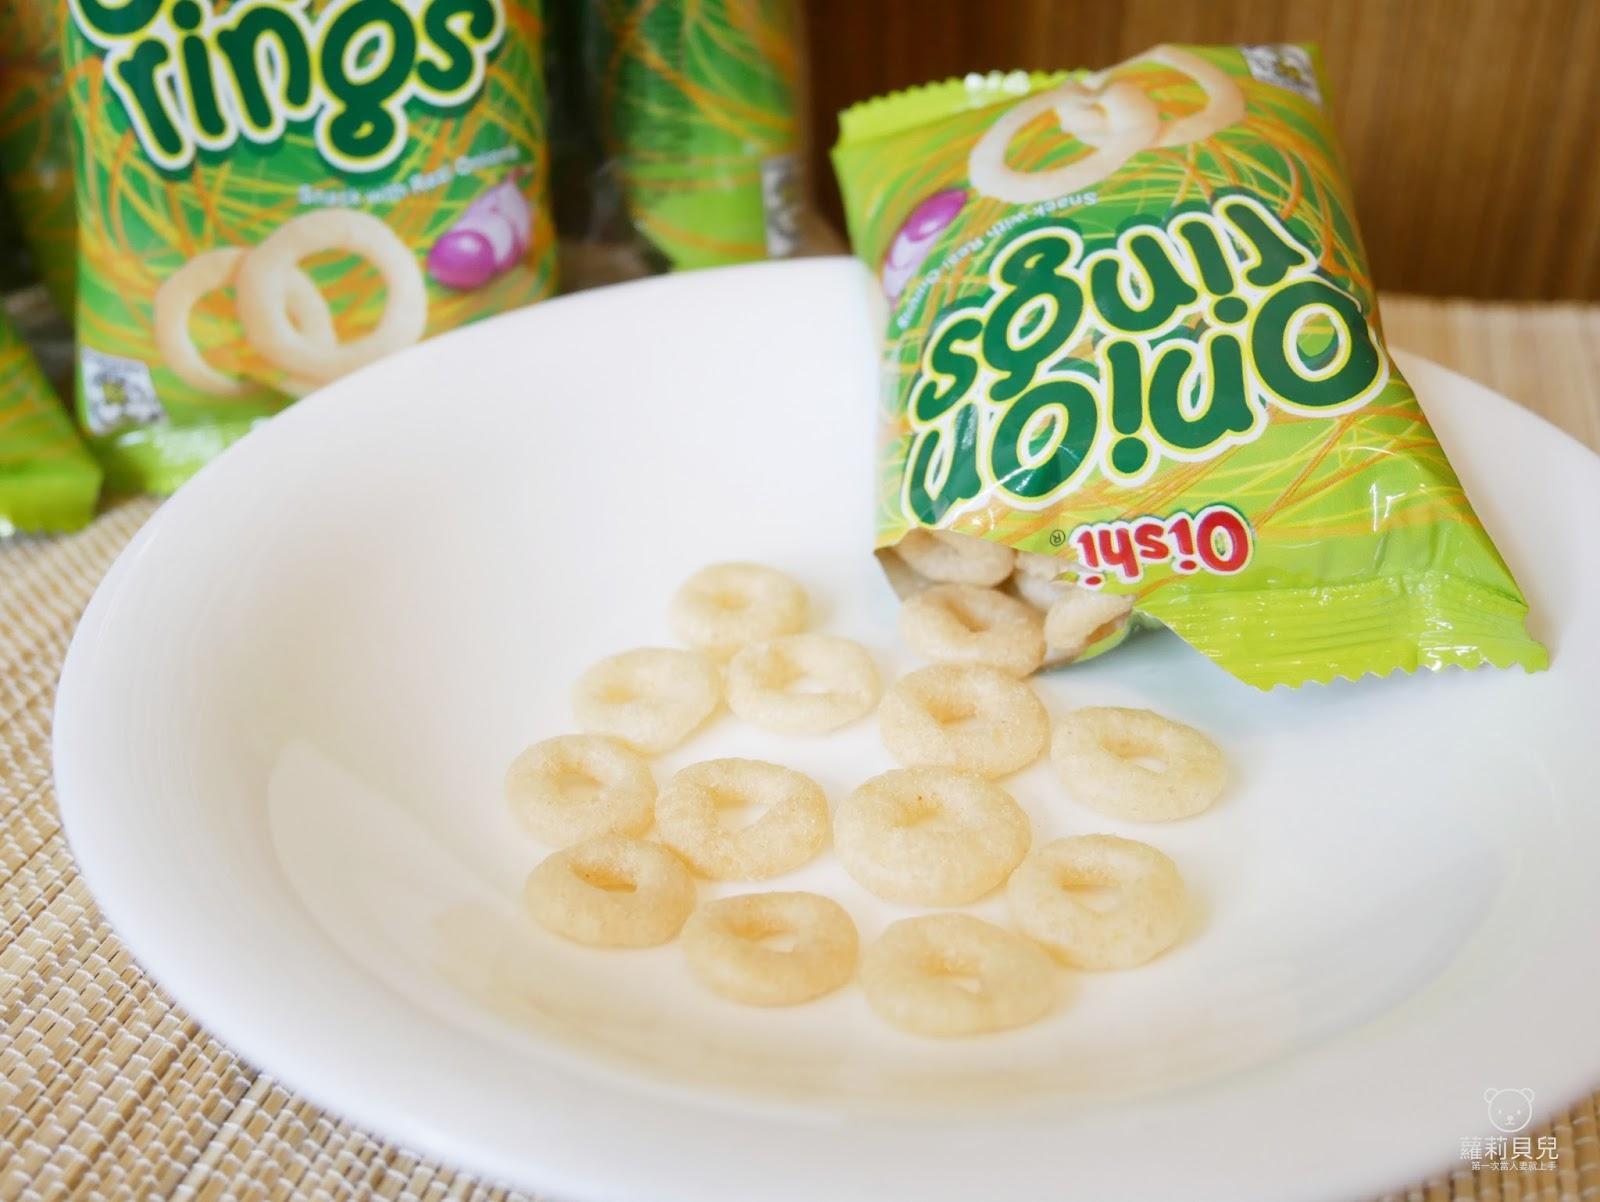 野餐s搭配_Oishi 上好佳 系列餅乾 小吐司餅乾 洋蔥圈 蔬菜點心棒 鮮蝦條 @ 蘿 ...